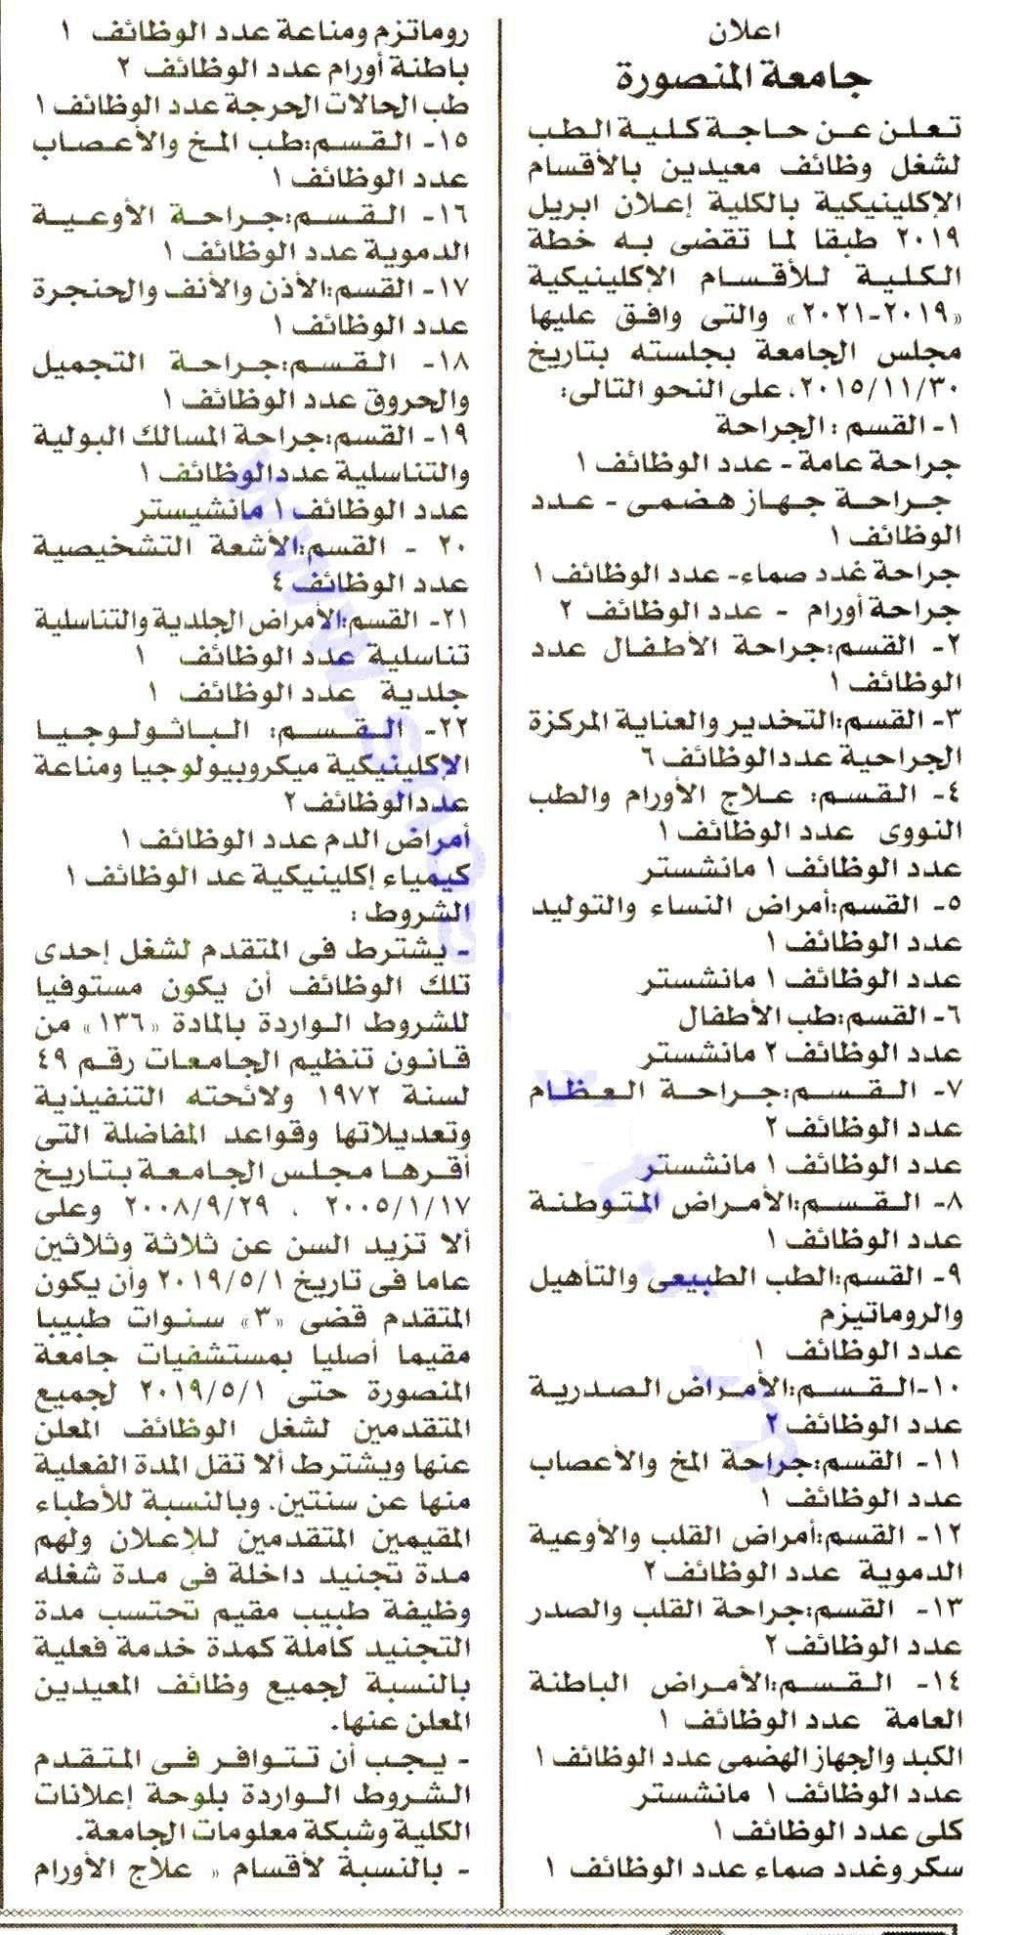 عاجل.. جريدة الأخبار | وظائف تعيين معيدين بجامعة المنصورة.. ننشر الاعلان Getima11